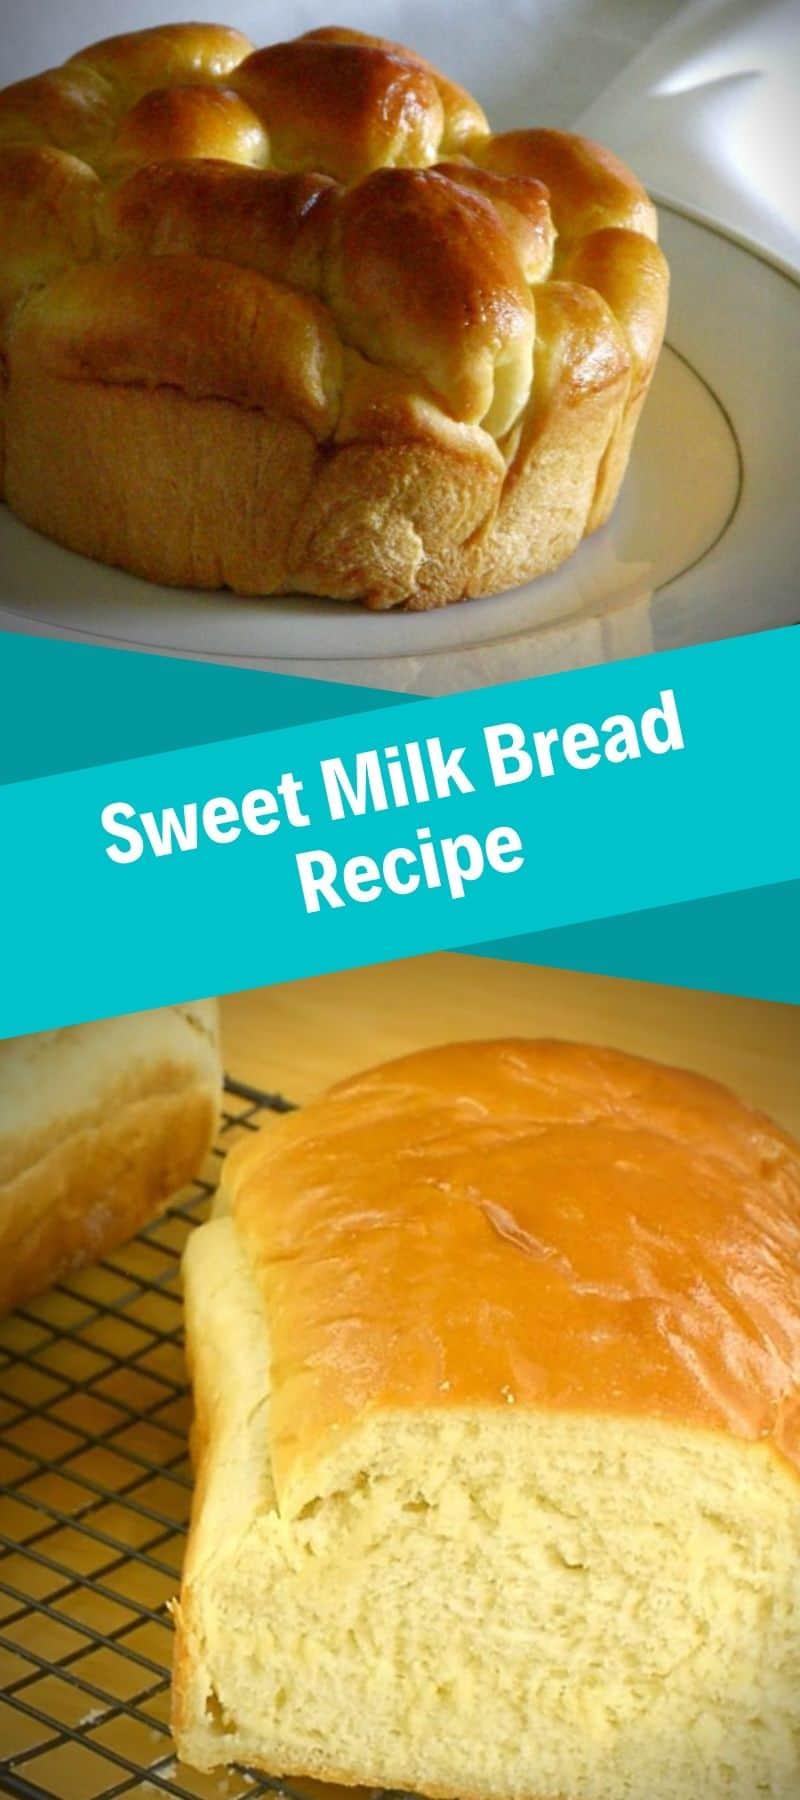 Sweet Milk Bread Recipe 3